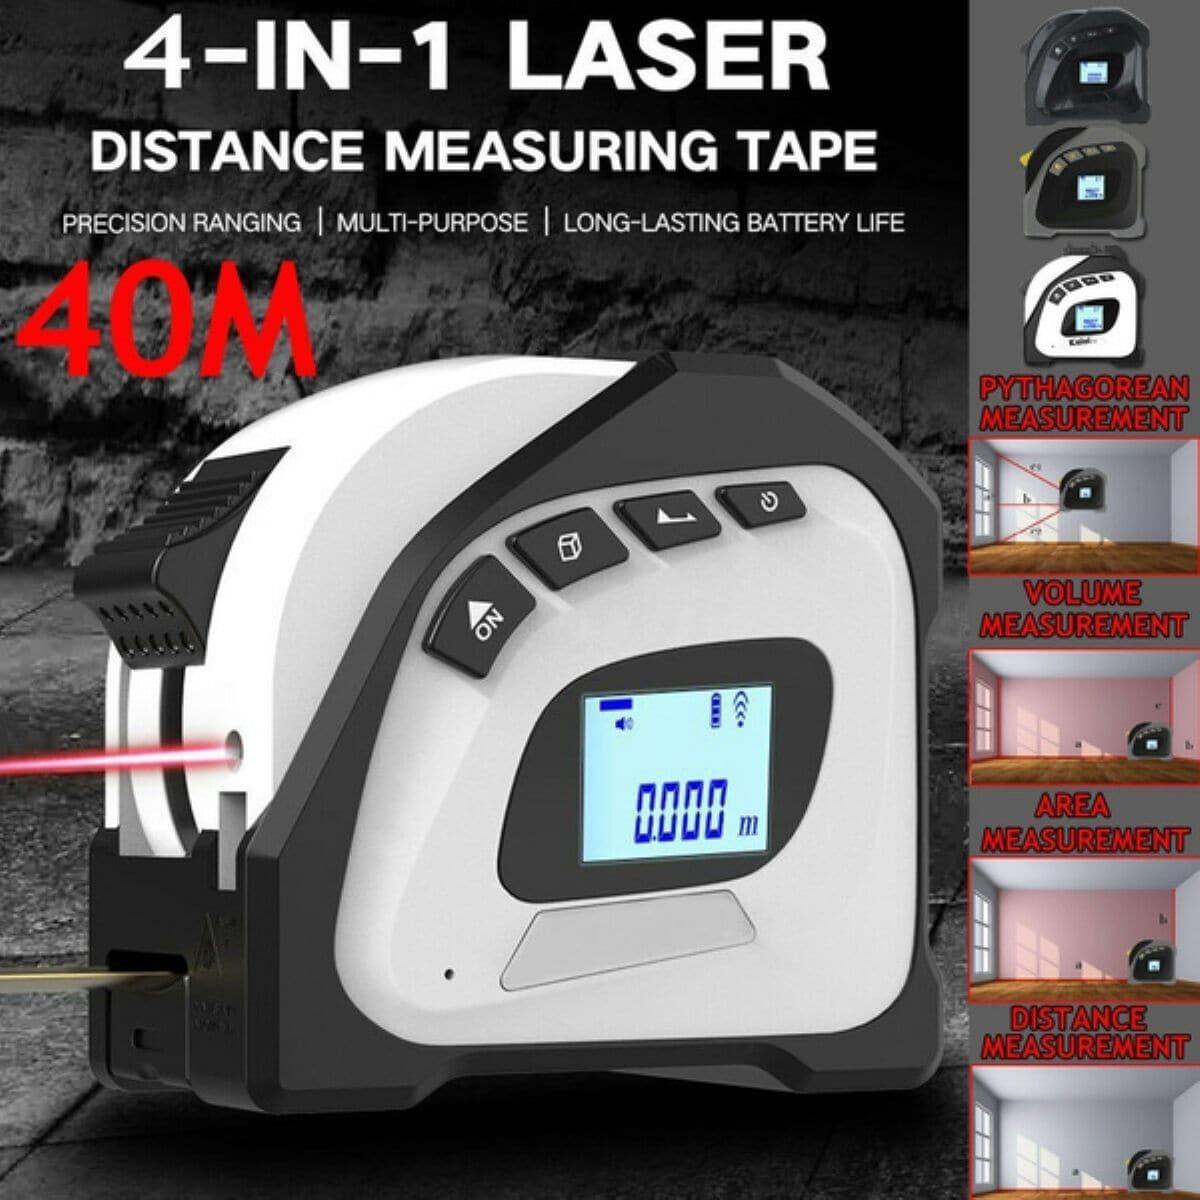 40Mレーザー レンジファインダー 送料込 デジタルテープ測定距離計5Mポータブル格納式テープルーラー わくわくファイネスト お値打ち価格で